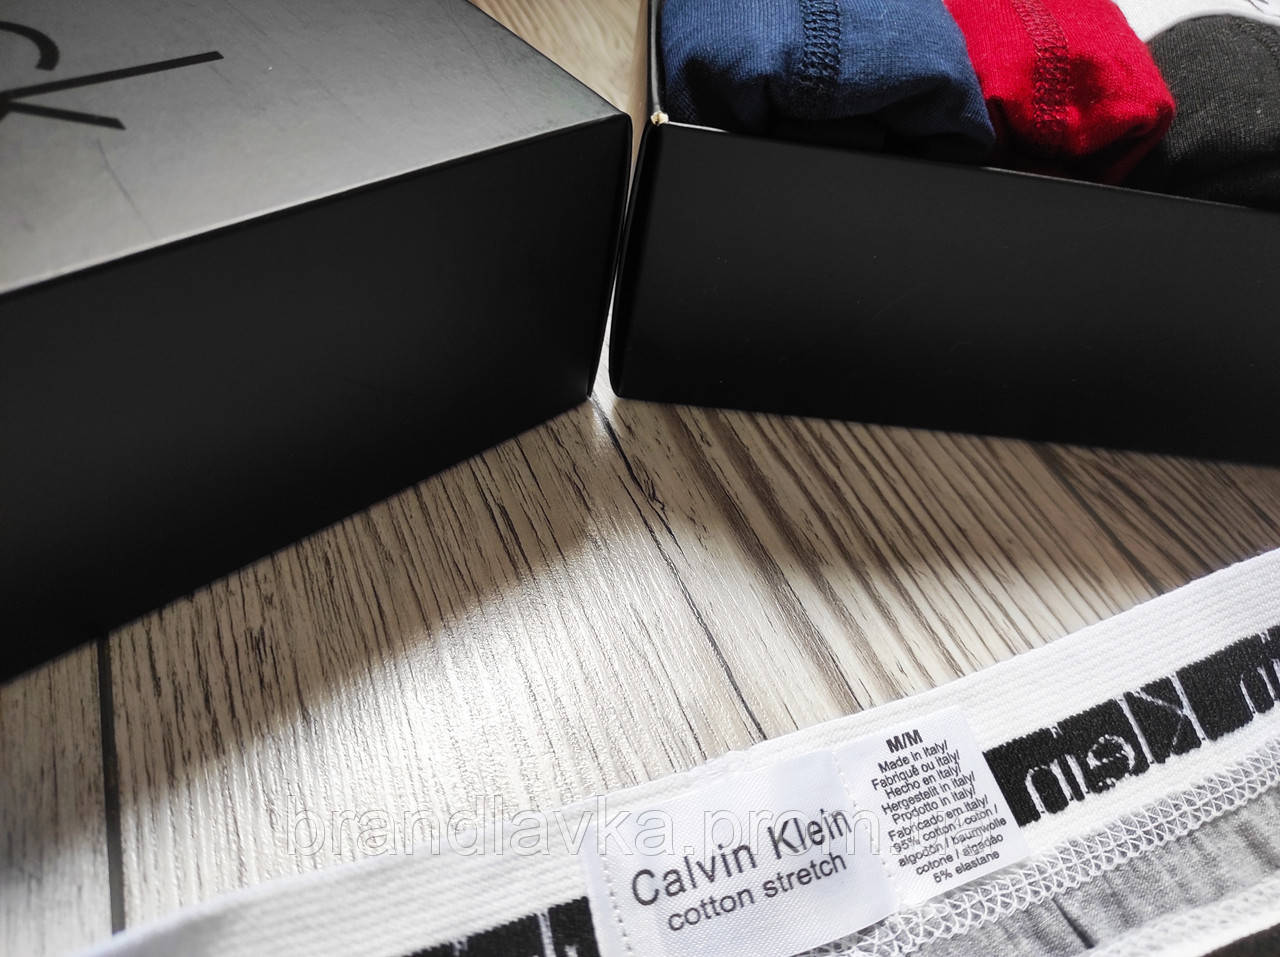 Набор мужских трусов боксеров Calvin Klein 5 шт без коробки Боксеры трусы шорты транки кельвин кляйн - фото 7